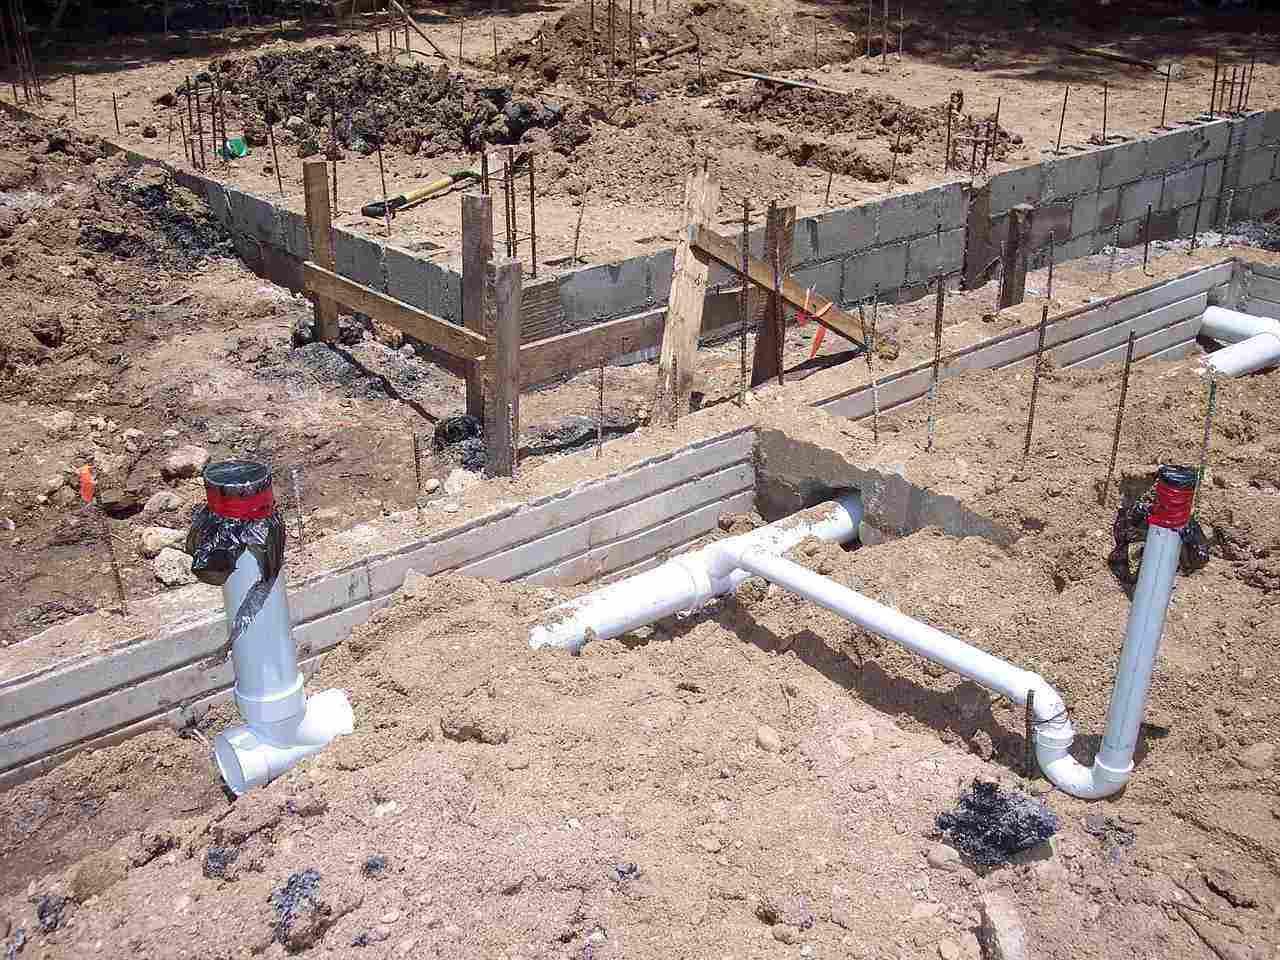 طريقة تركيب مواسير الصرف الصحي في المنزل بأربع خطوات زيادة